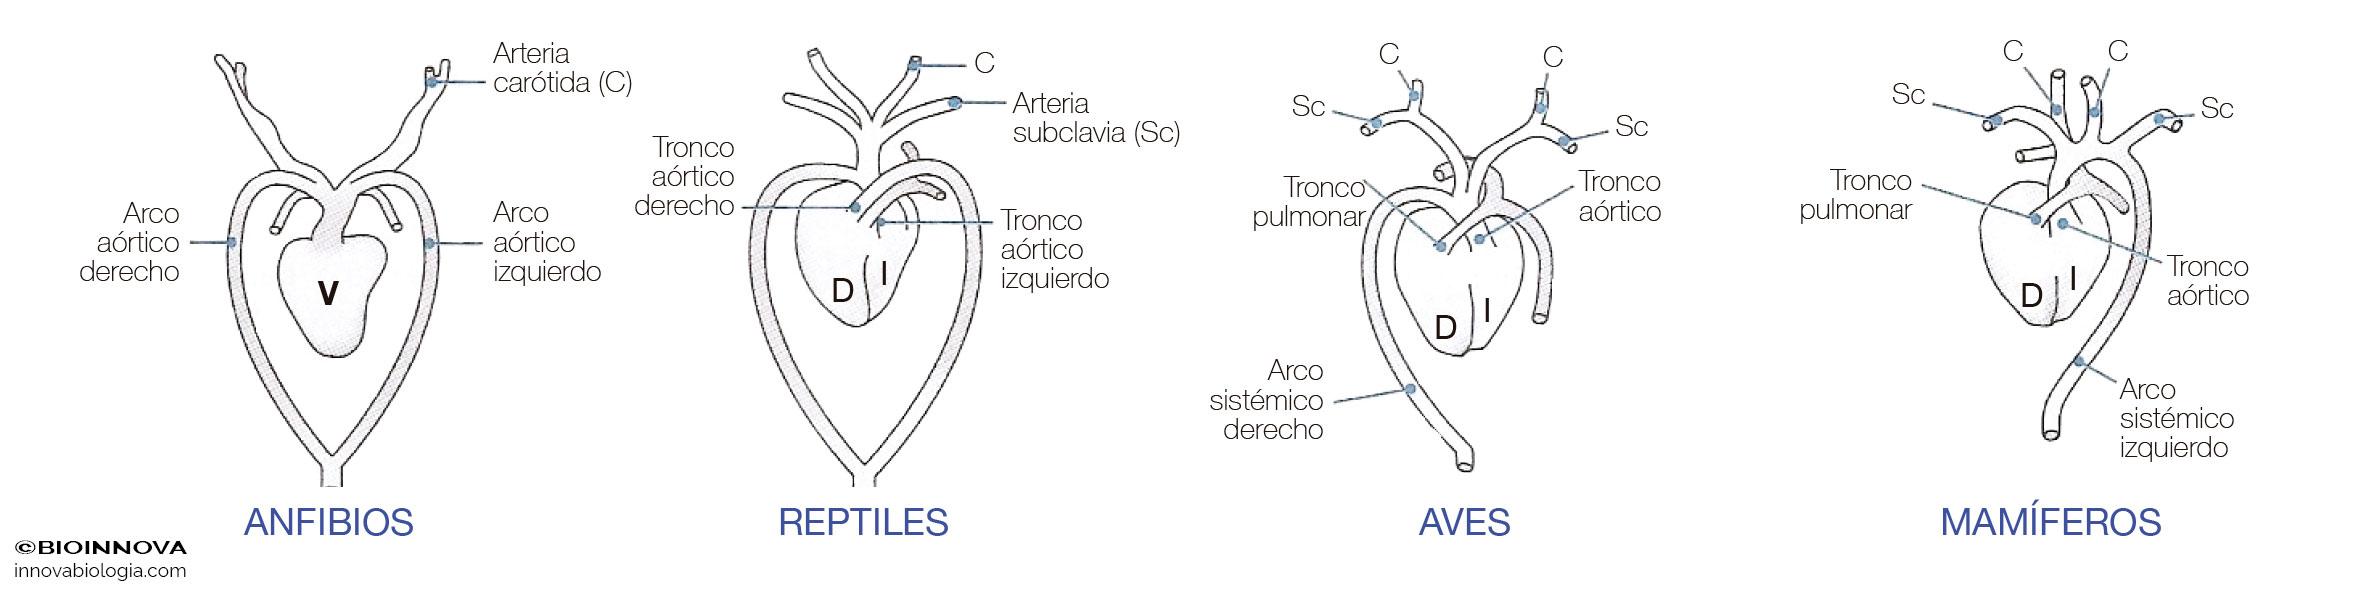 Evolución del corazón de vertebrados